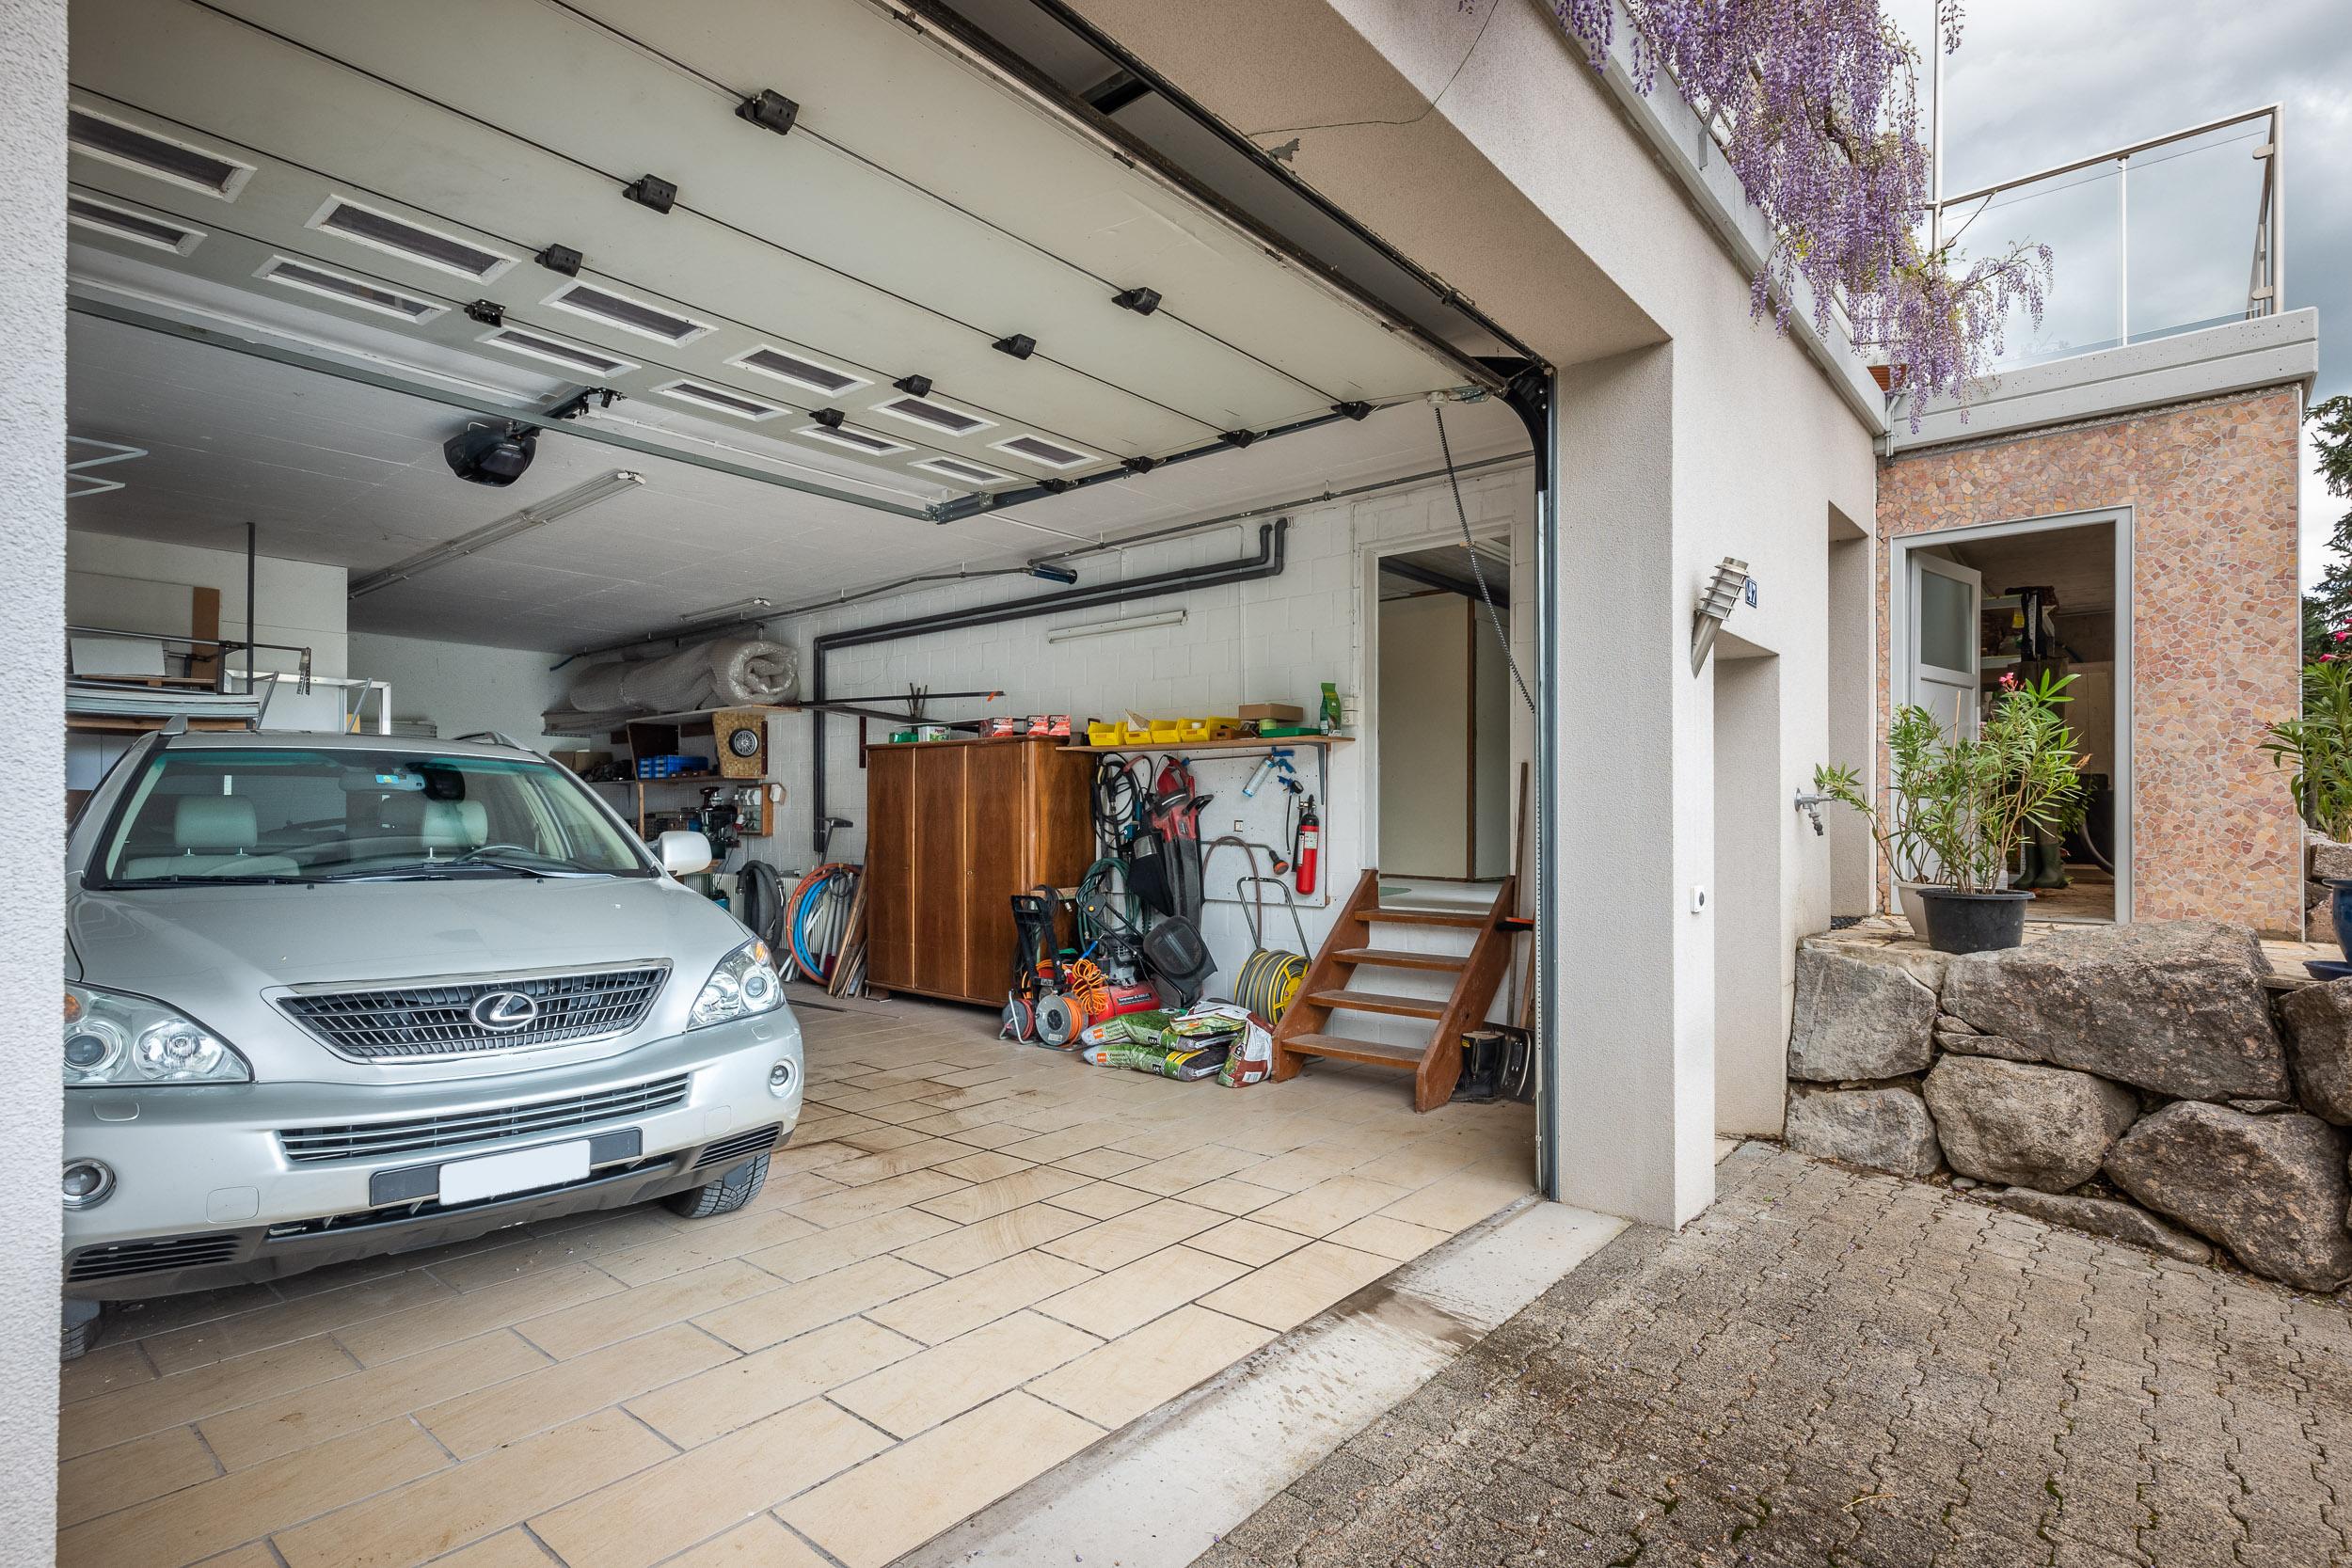 Die Garage bietet Platz für vier Autos oder ein Wohnmobil plus zwei Autos. Gleich rechts von der Garage befindet sich unterhalb der Terrasse ein Raum für Gartengeräte (s. nächstes Bild)